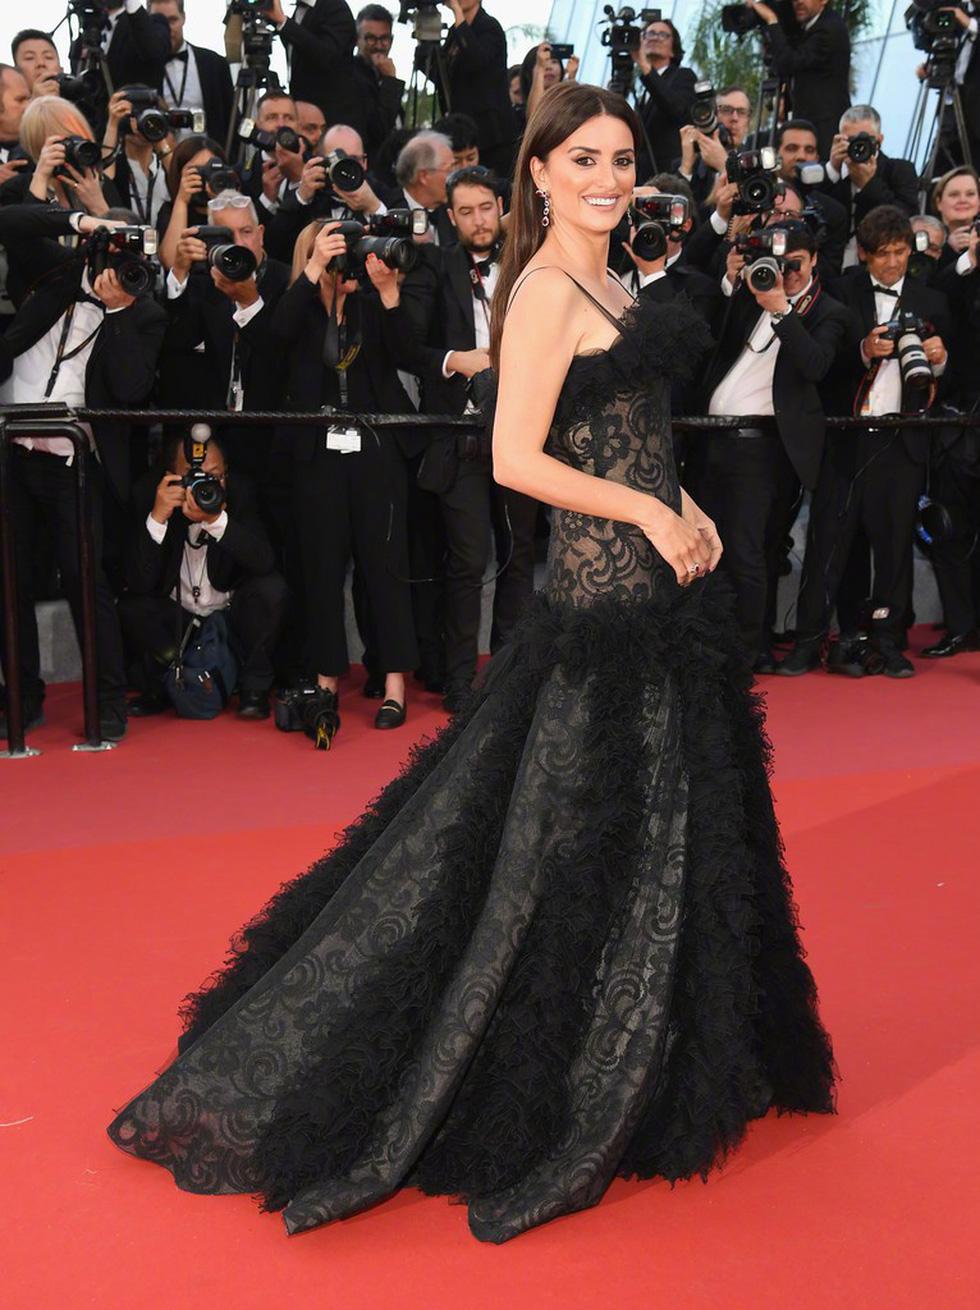 Cate Blanchett mặc đồ cũ, dàn sao nữ lộng lẫy trên thảm đỏ Cannes - Ảnh 4.